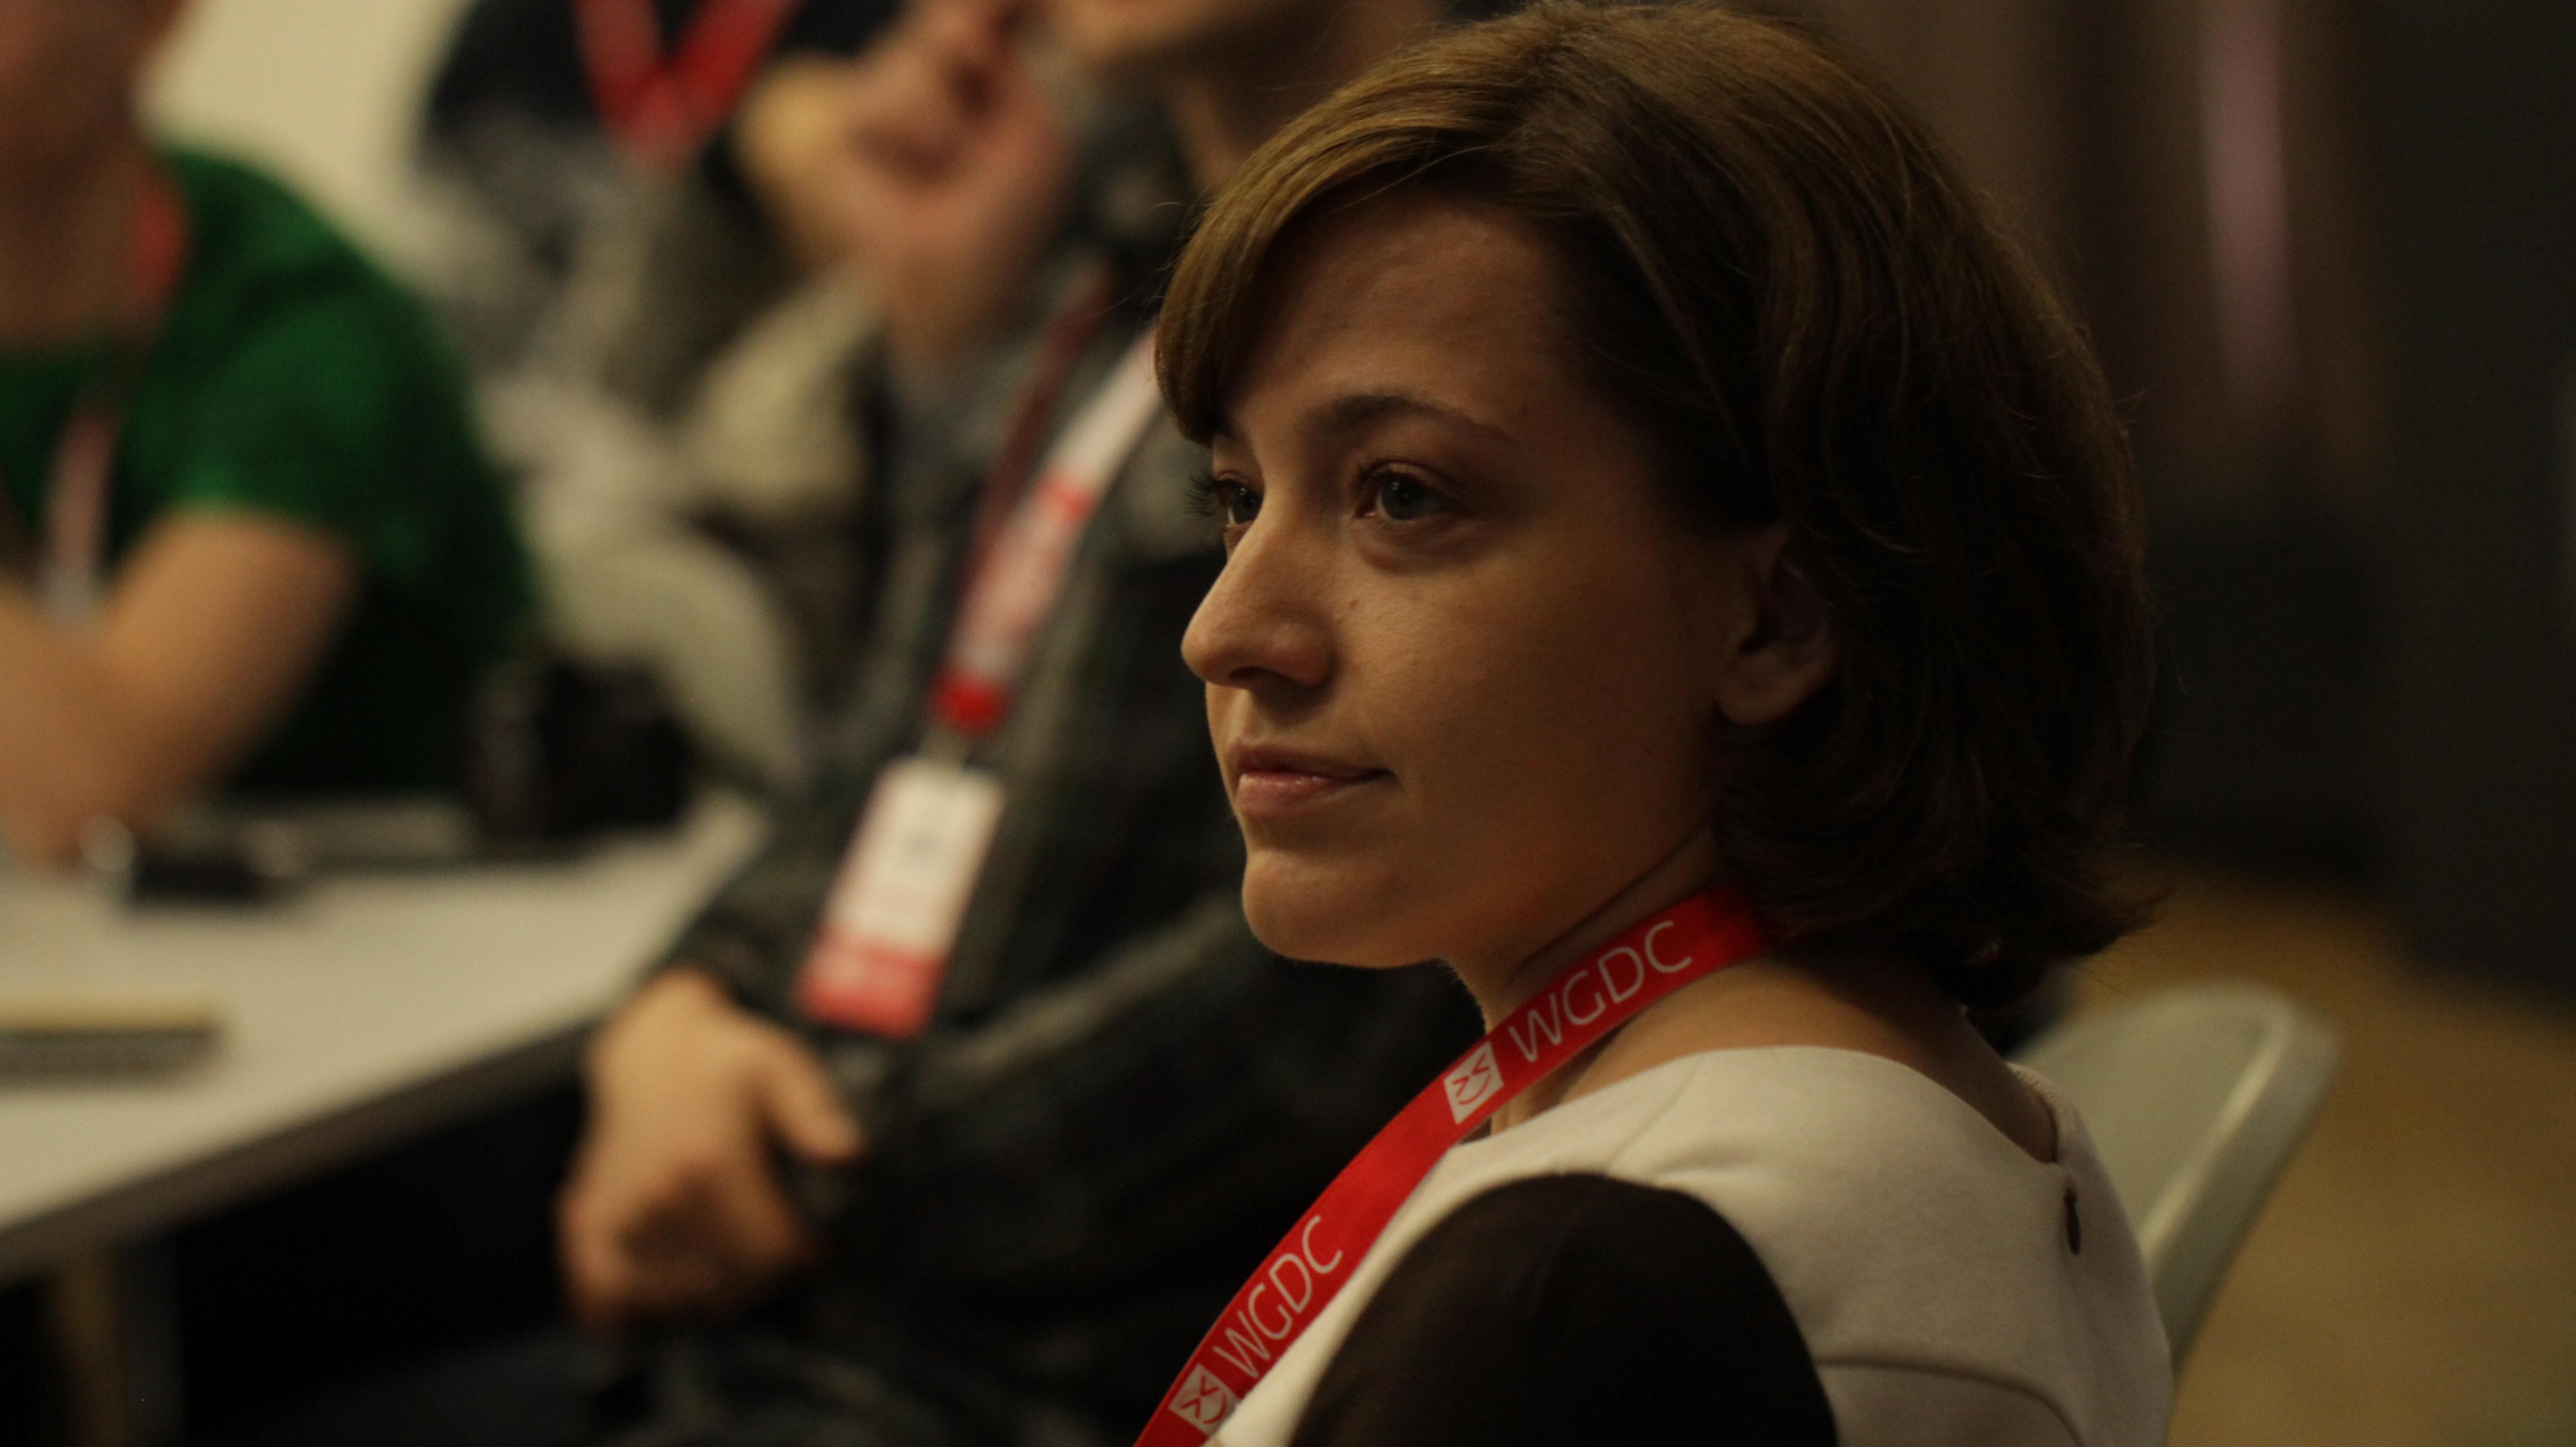 WGN_Photos_WGDC_Conference_Image_08